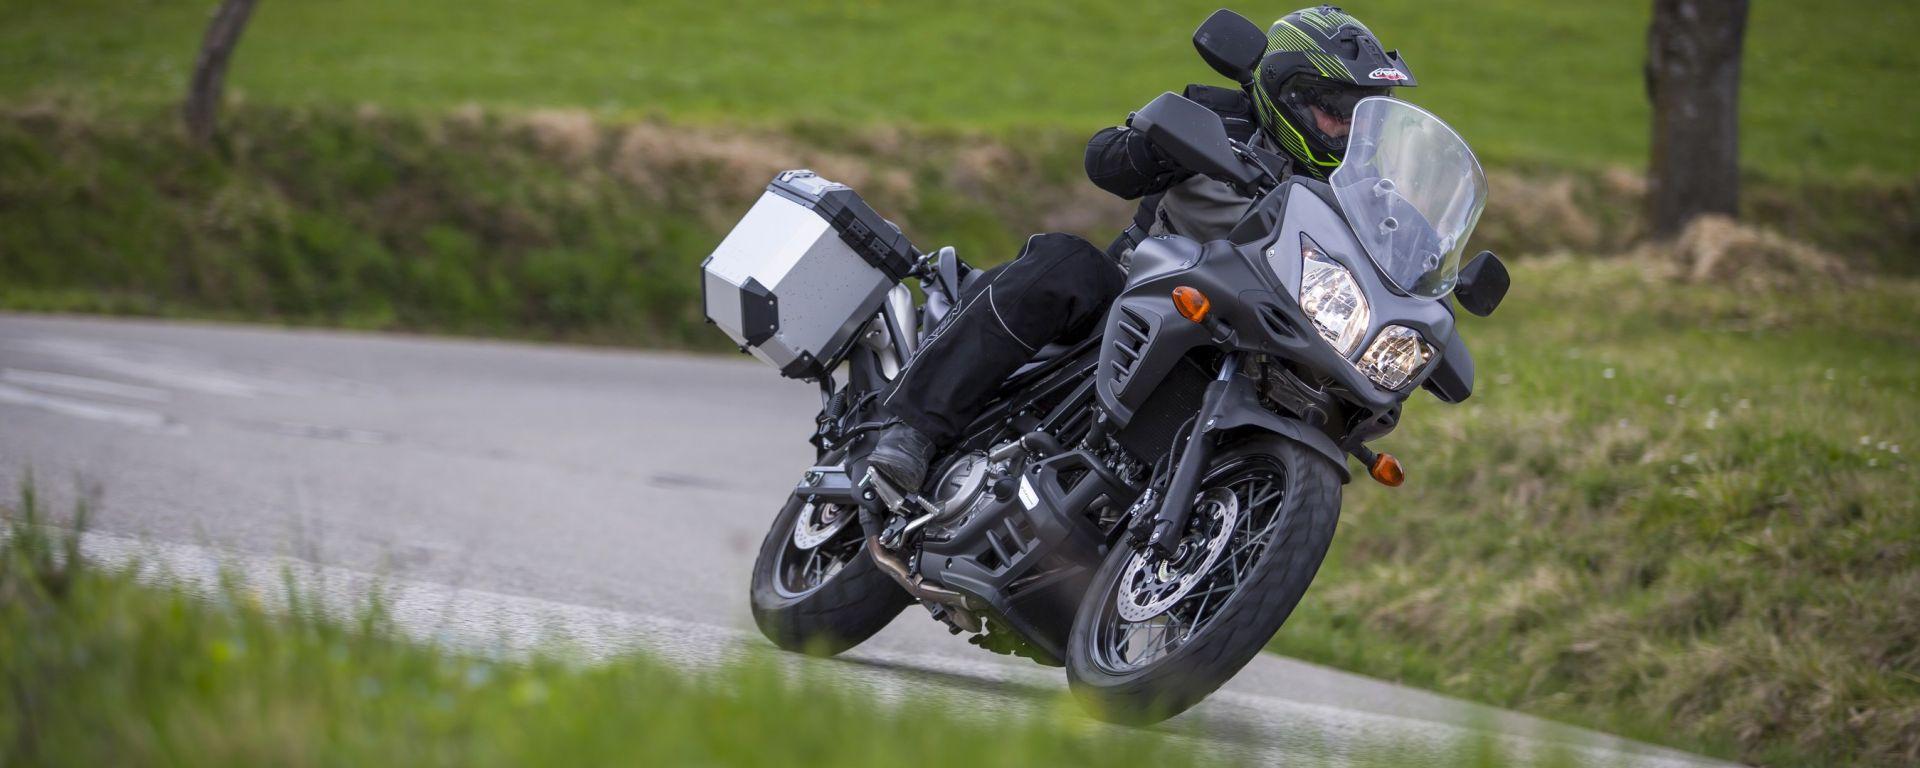 Suzuki V-Strom 650XT ABS Fun Ride #suzukiswitch